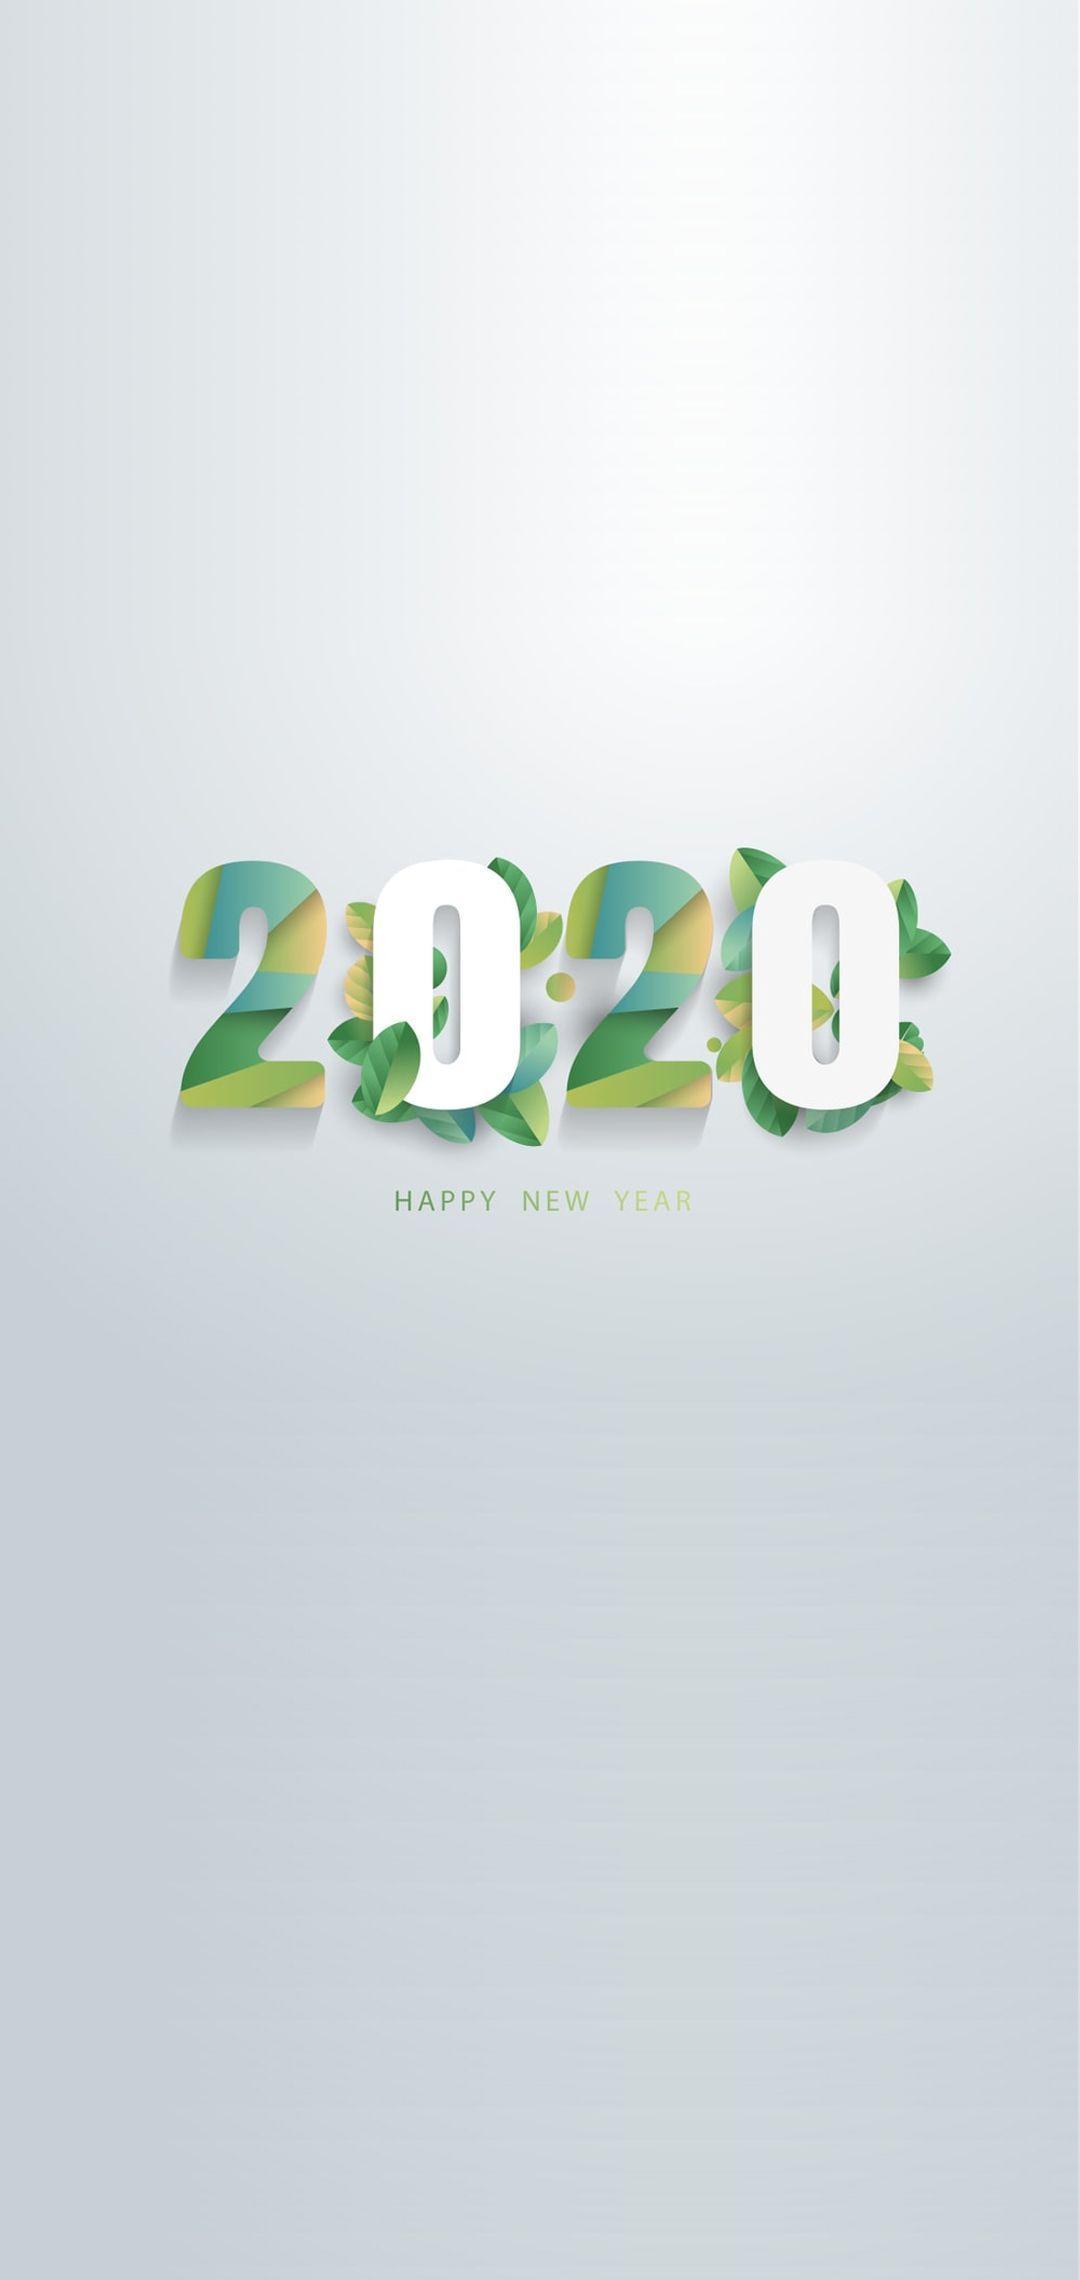 1080x2280 Happy New Year 2020 Hình nền điện thoại 14 - [1080x2280]